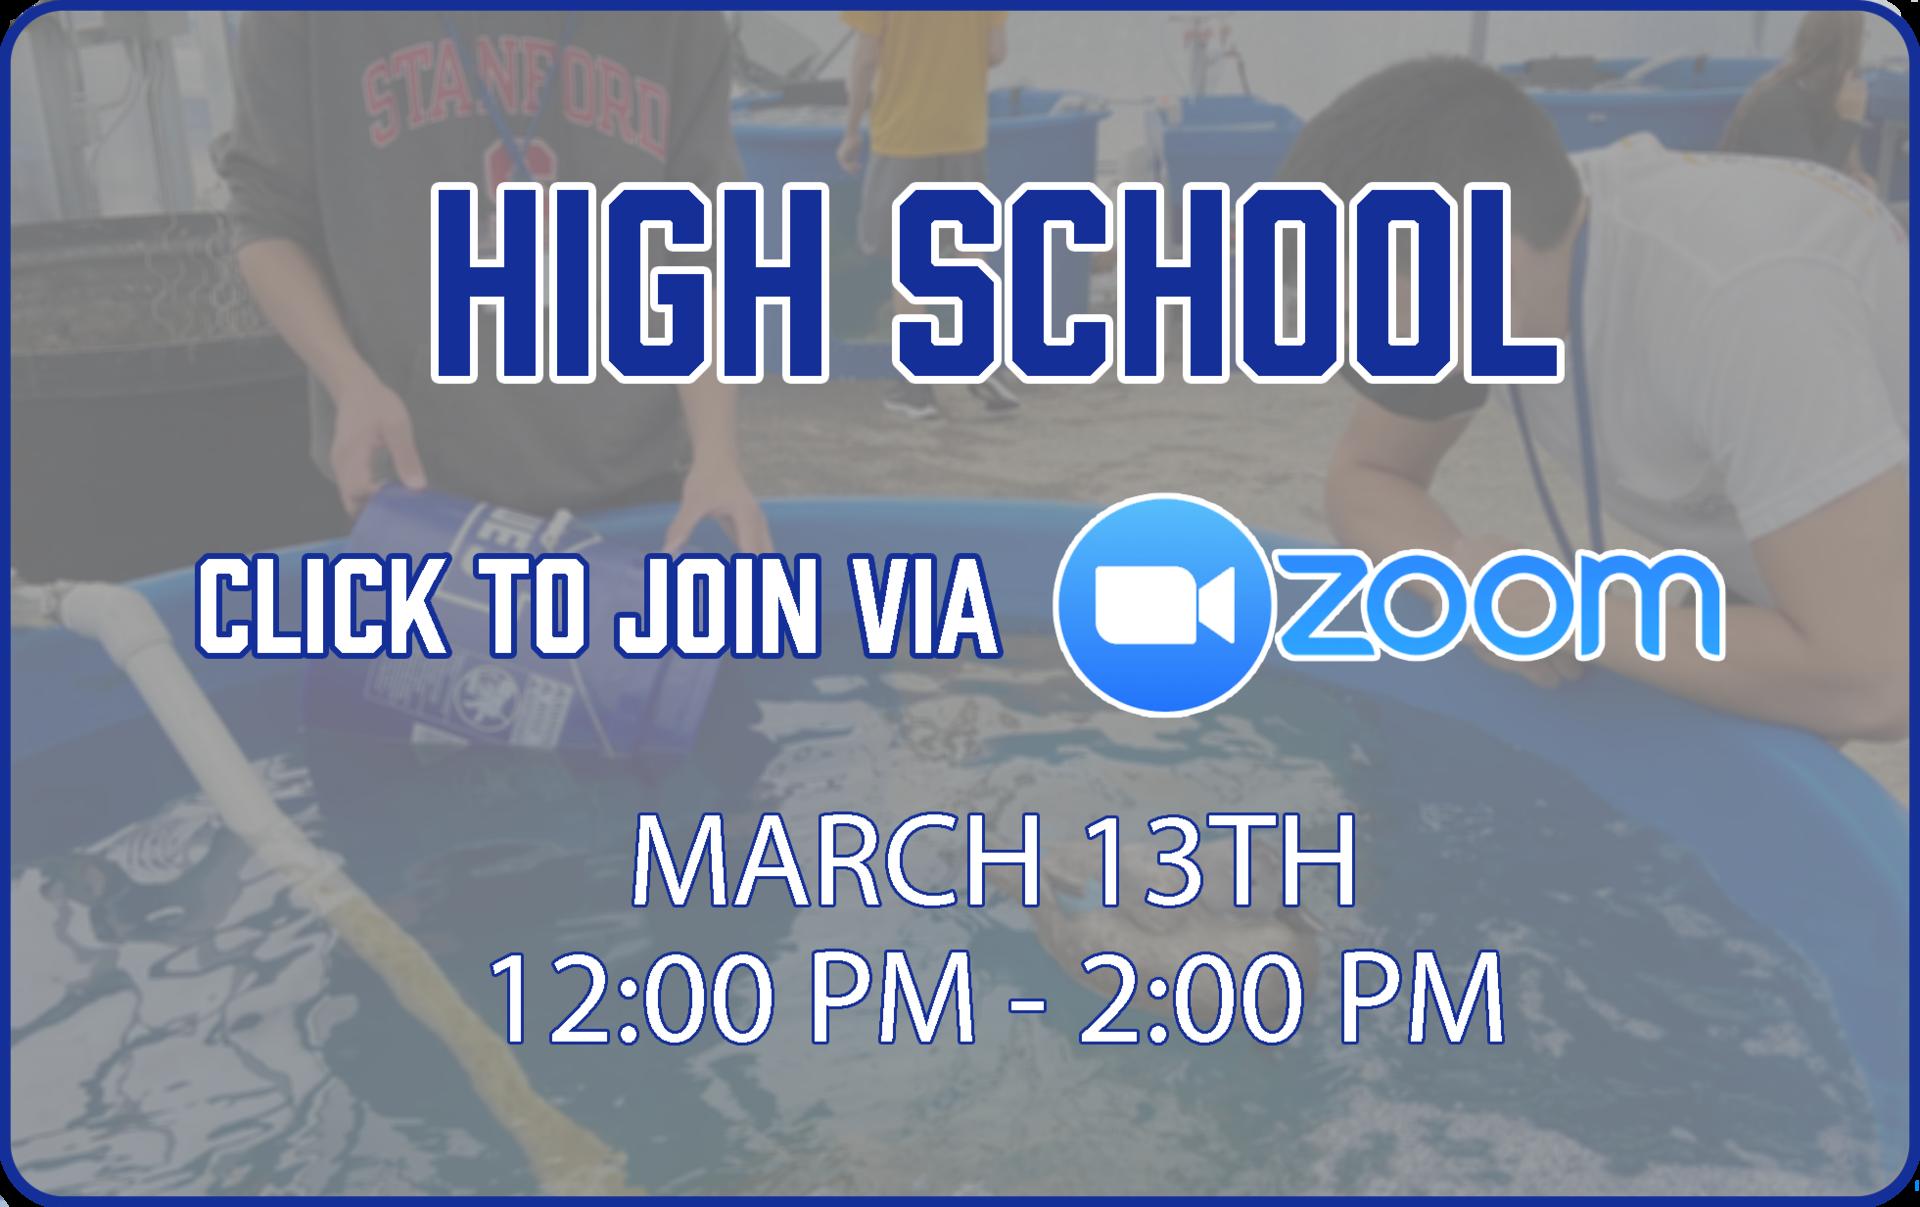 High School Zoom Link